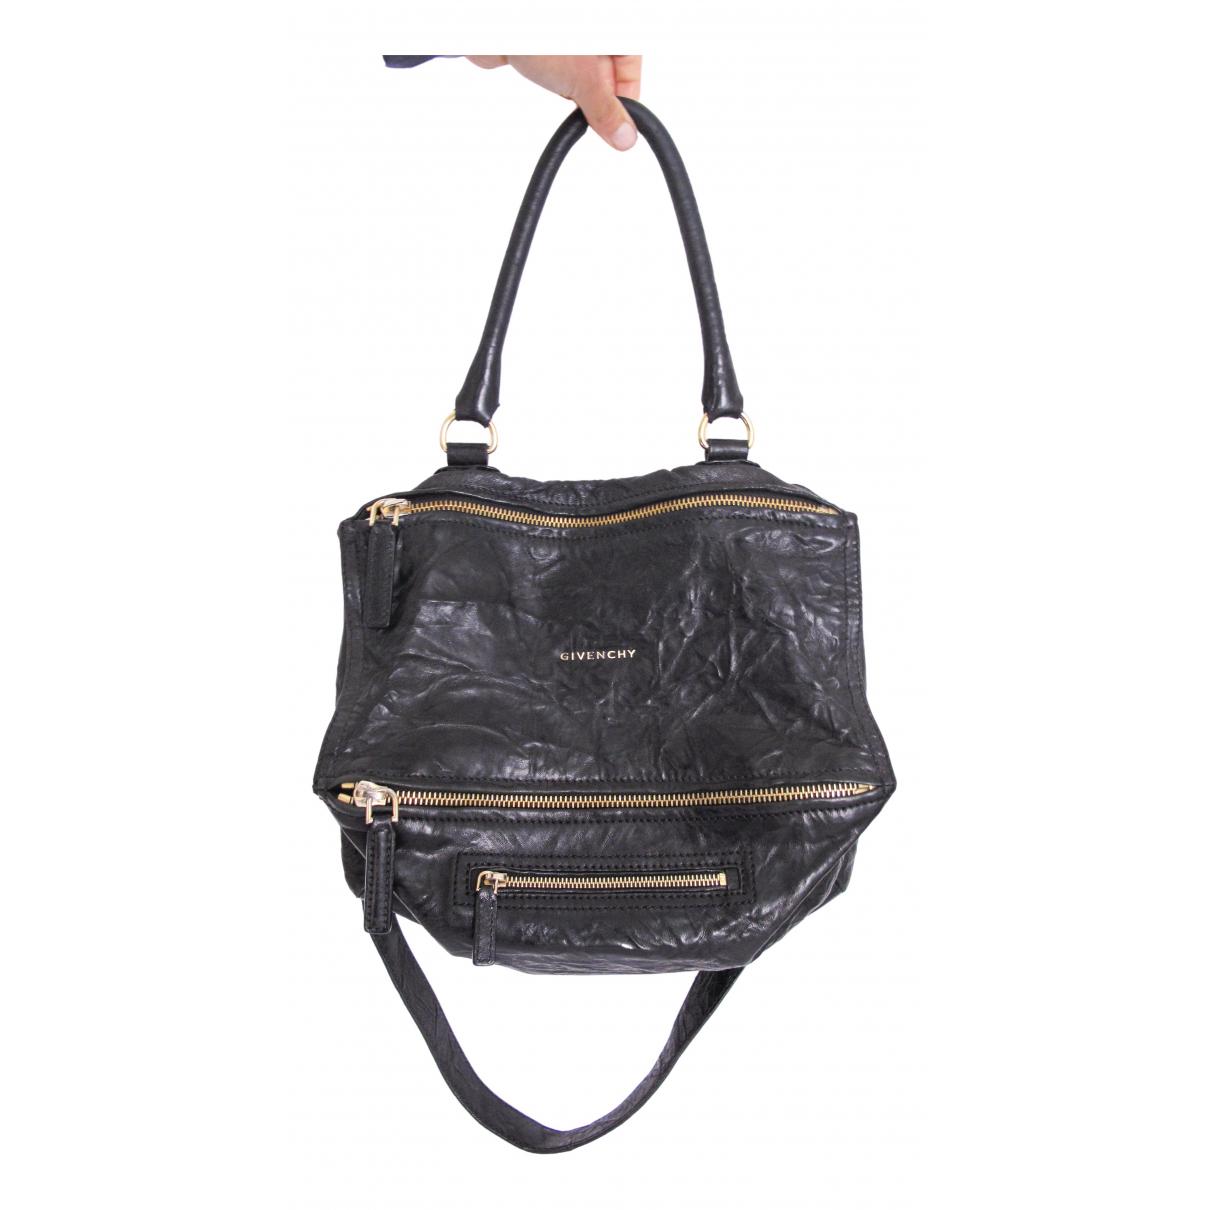 Givenchy Pandora Handtasche in  Schwarz Leder